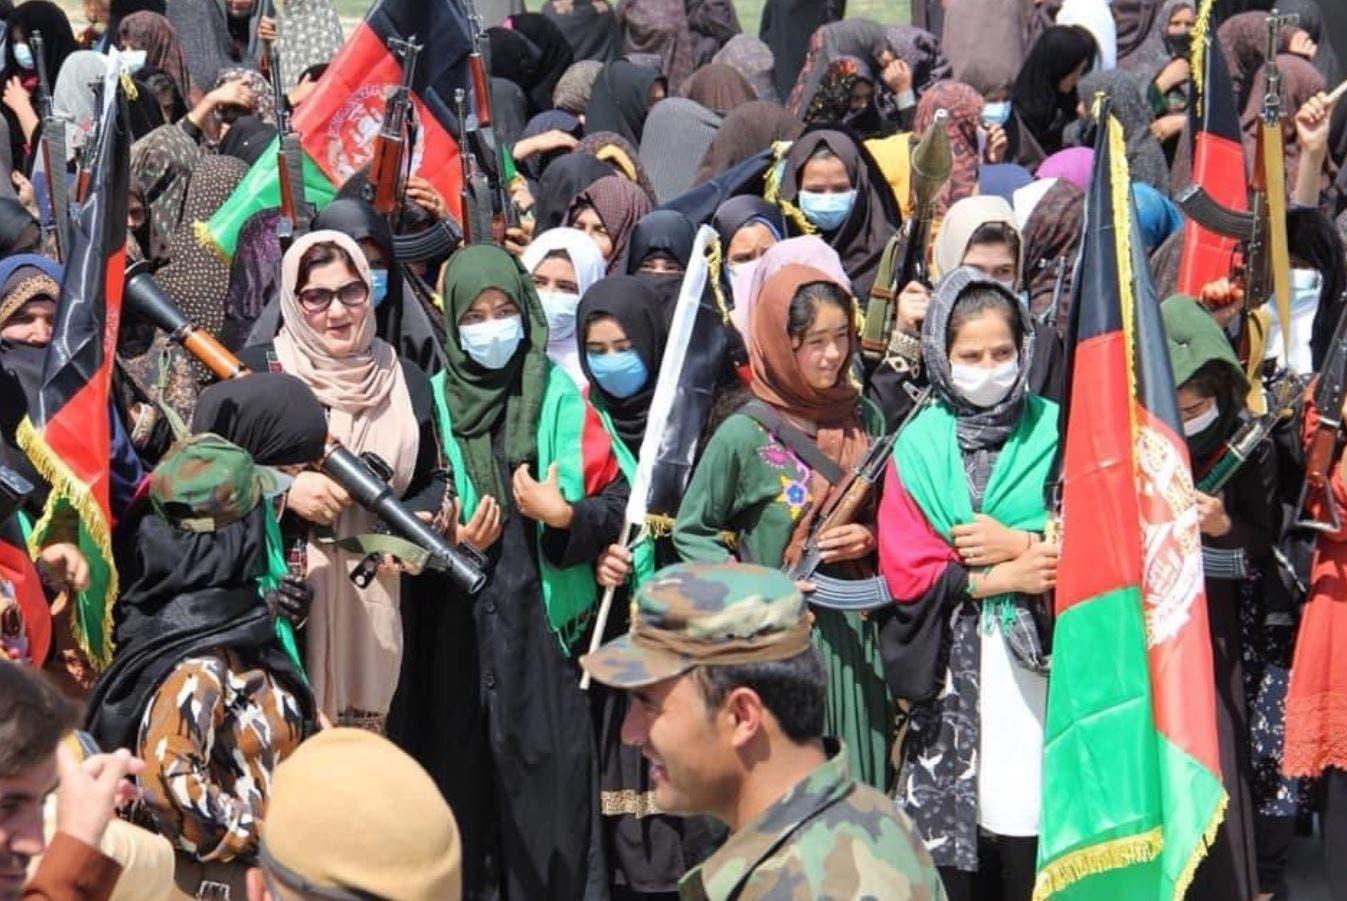 زنان افغان علیه طالبان بسیج شدند